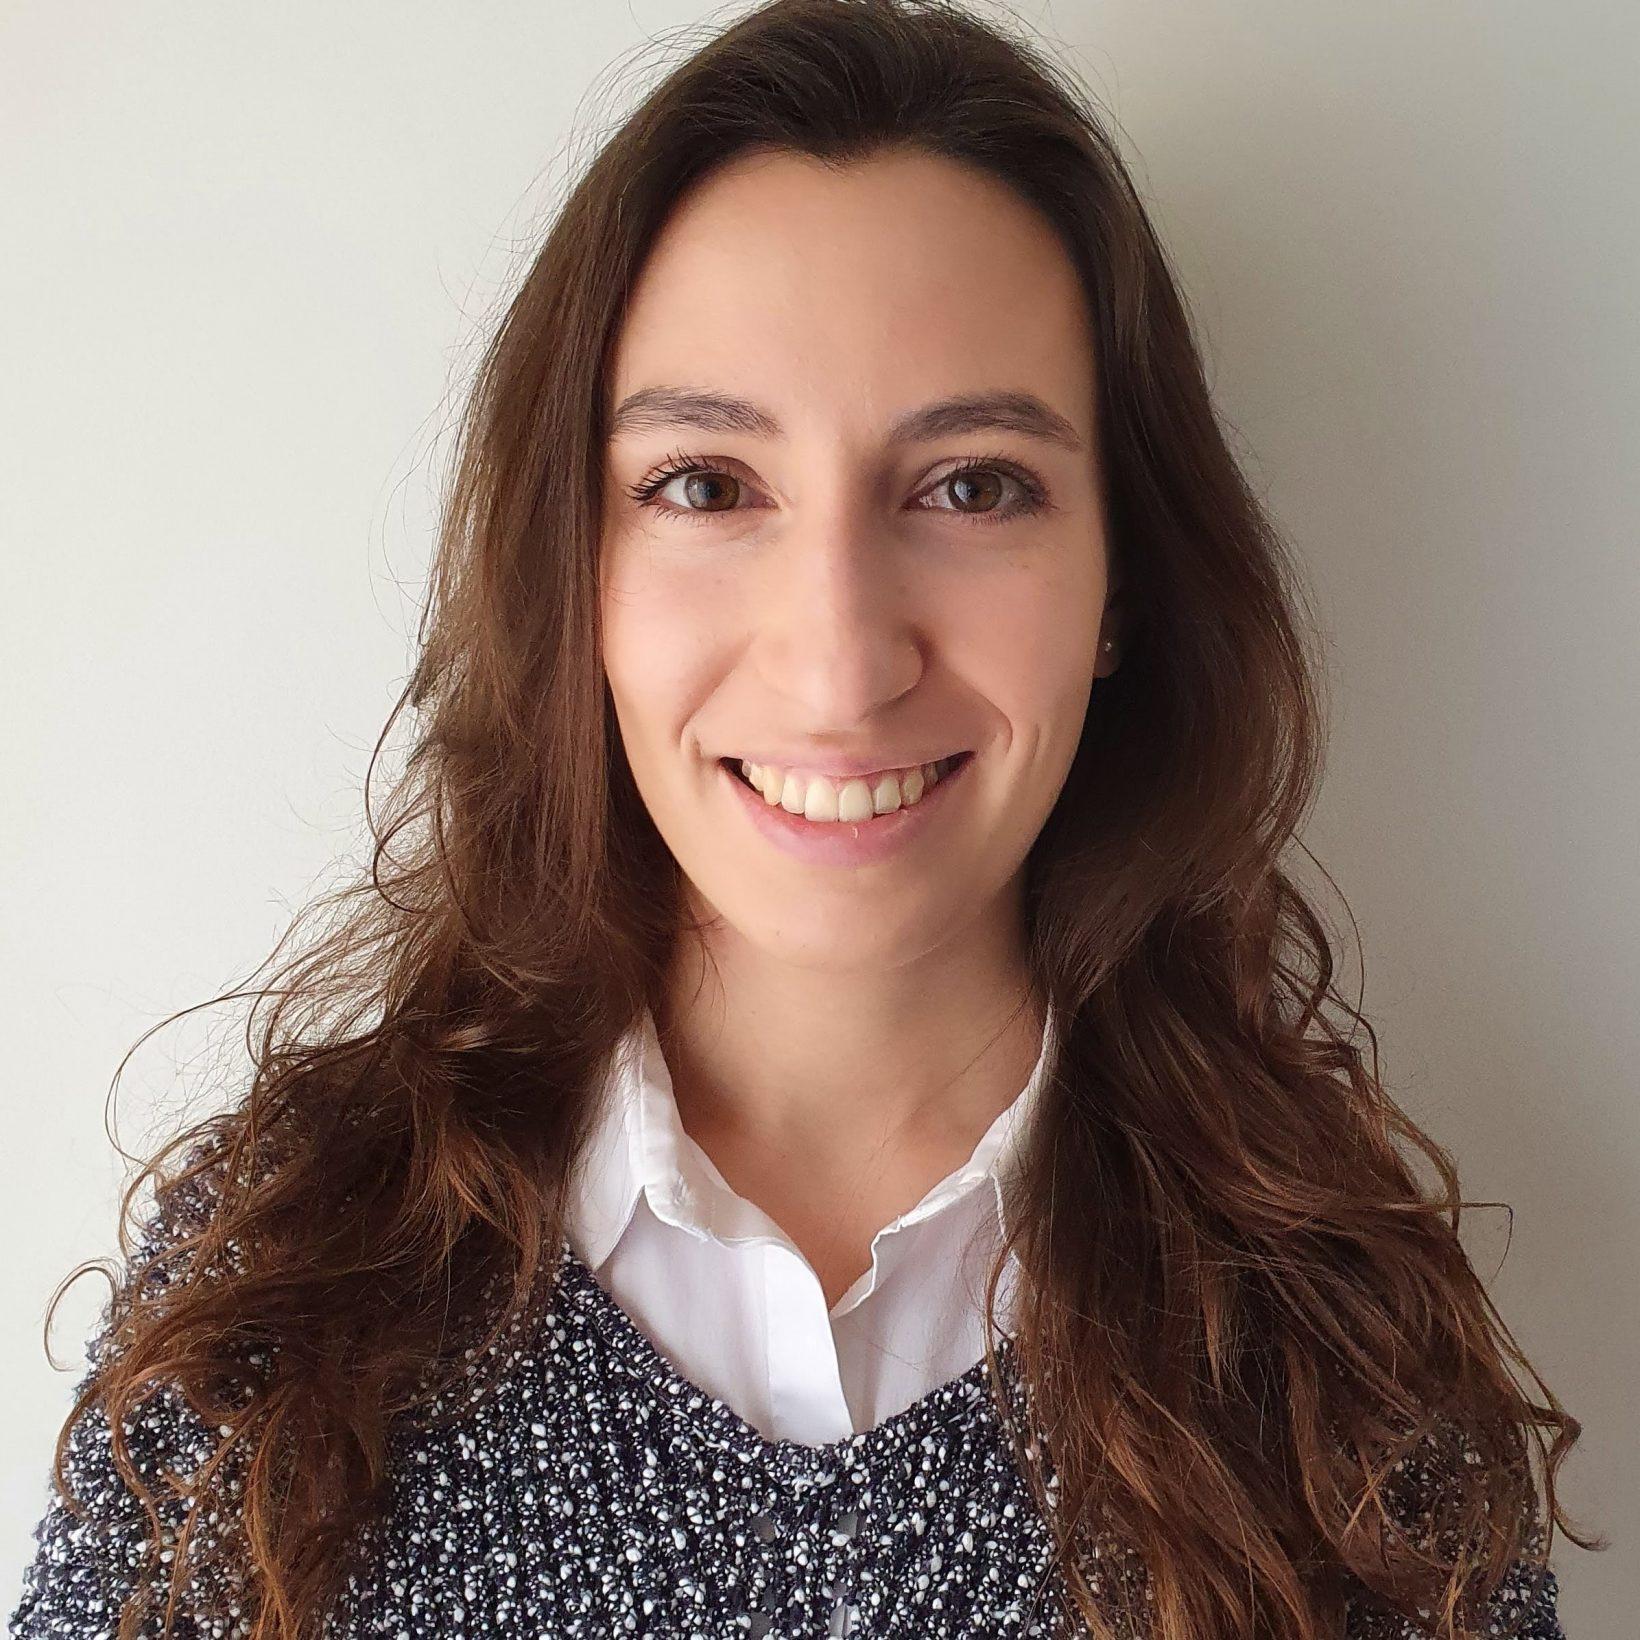 Mariana Soberano